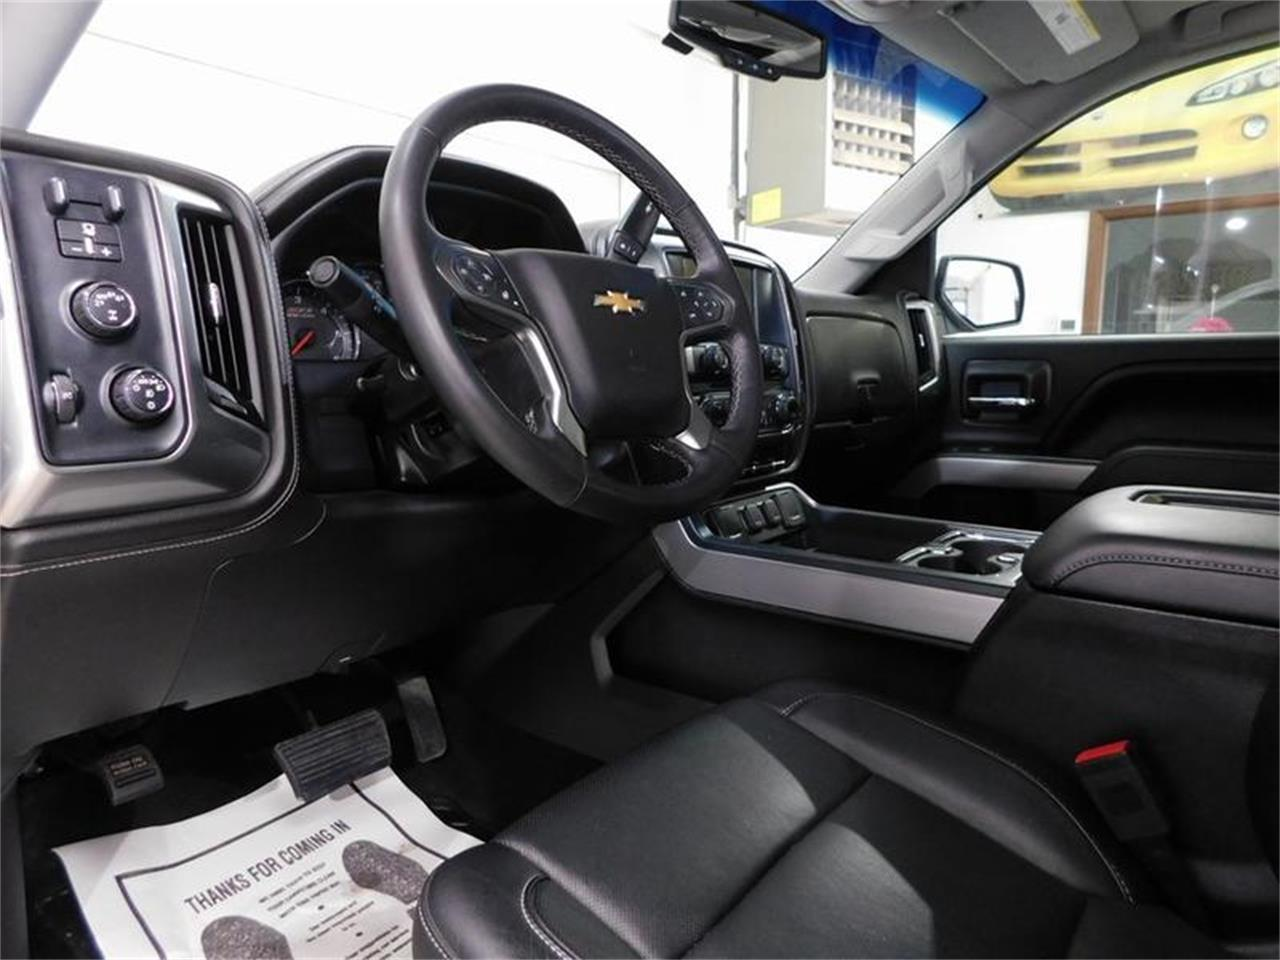 2017 Chevrolet Silverado (CC-1208166) for sale in Hamburg, New York